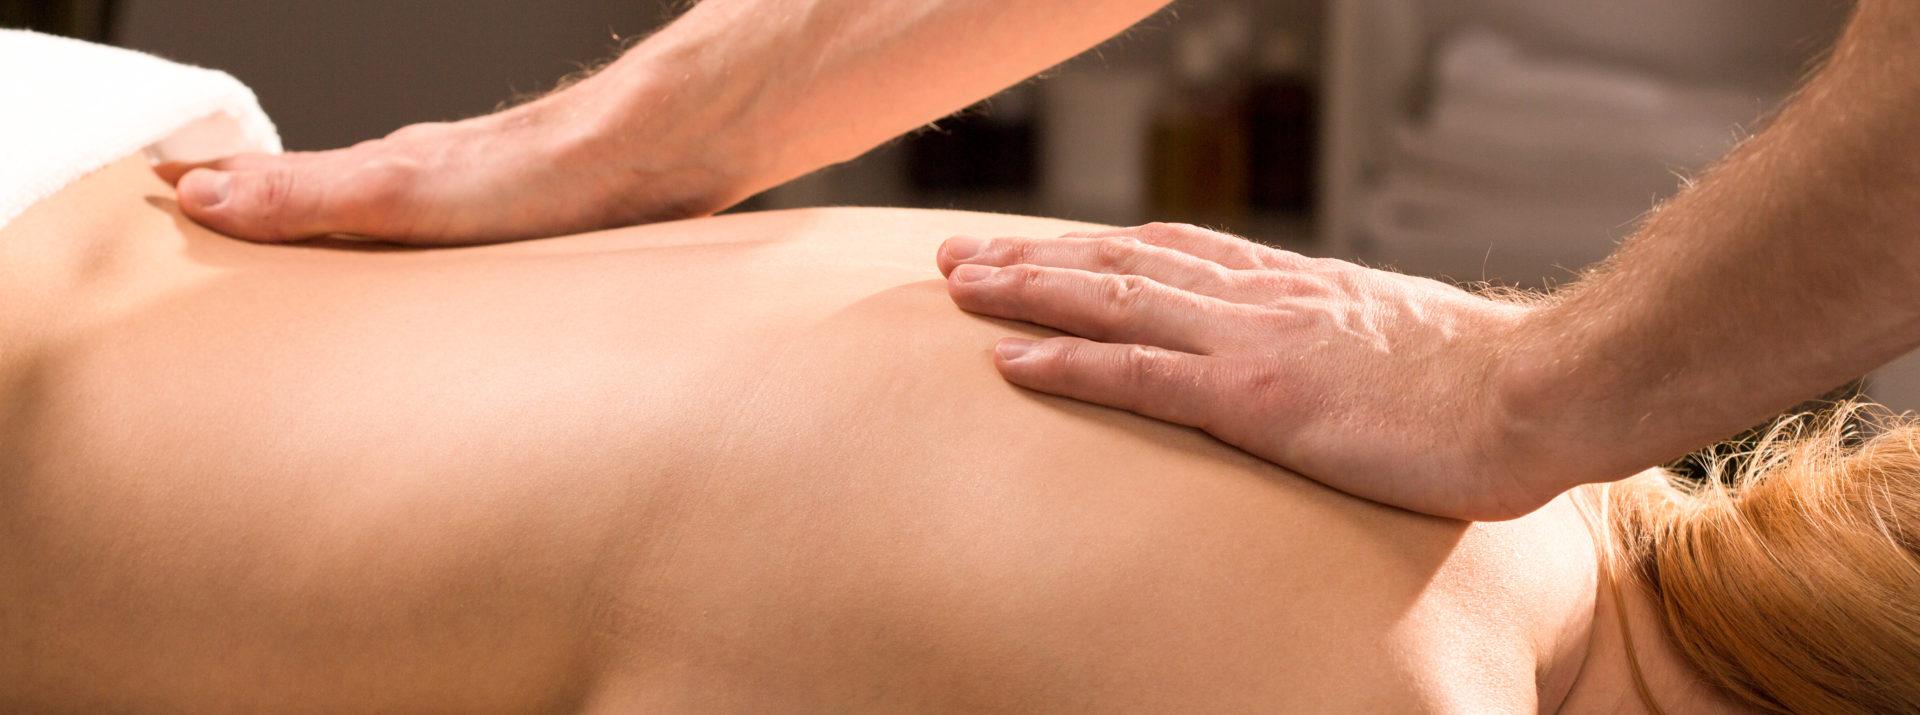 Wir bieten hochspezialisierte Behandlungen